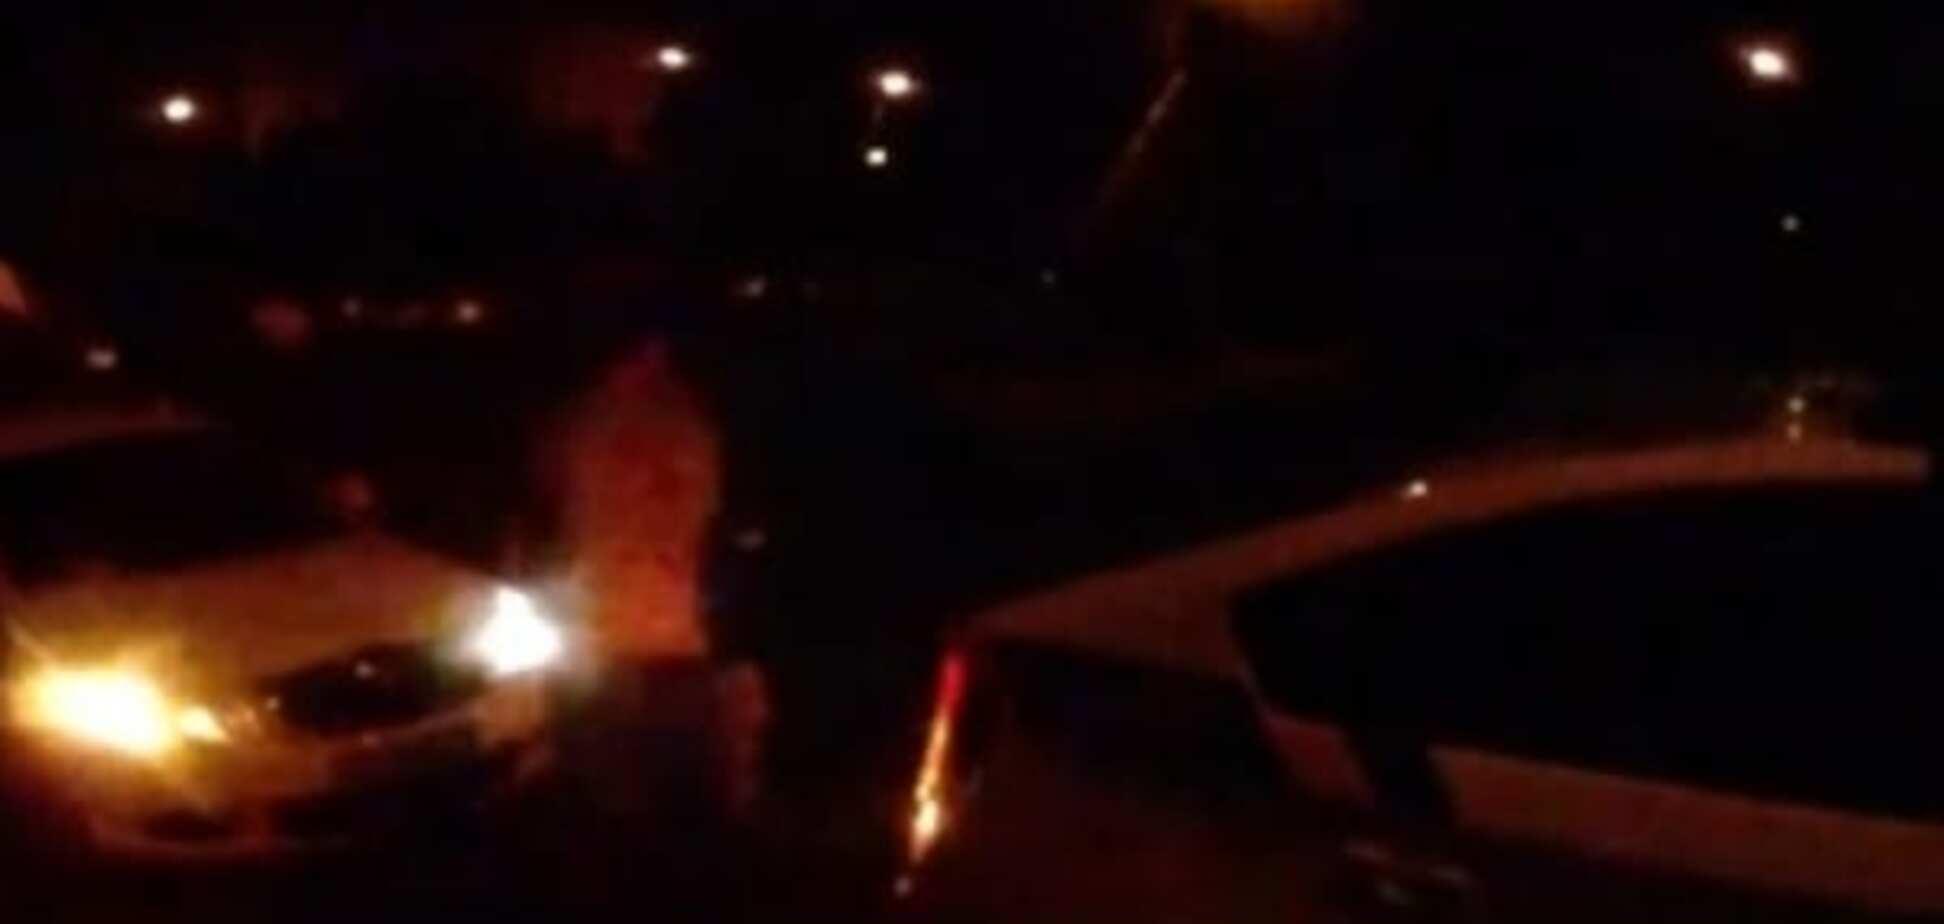 Київських міліціонерів звільнили після п'яної витівки на службовому авто